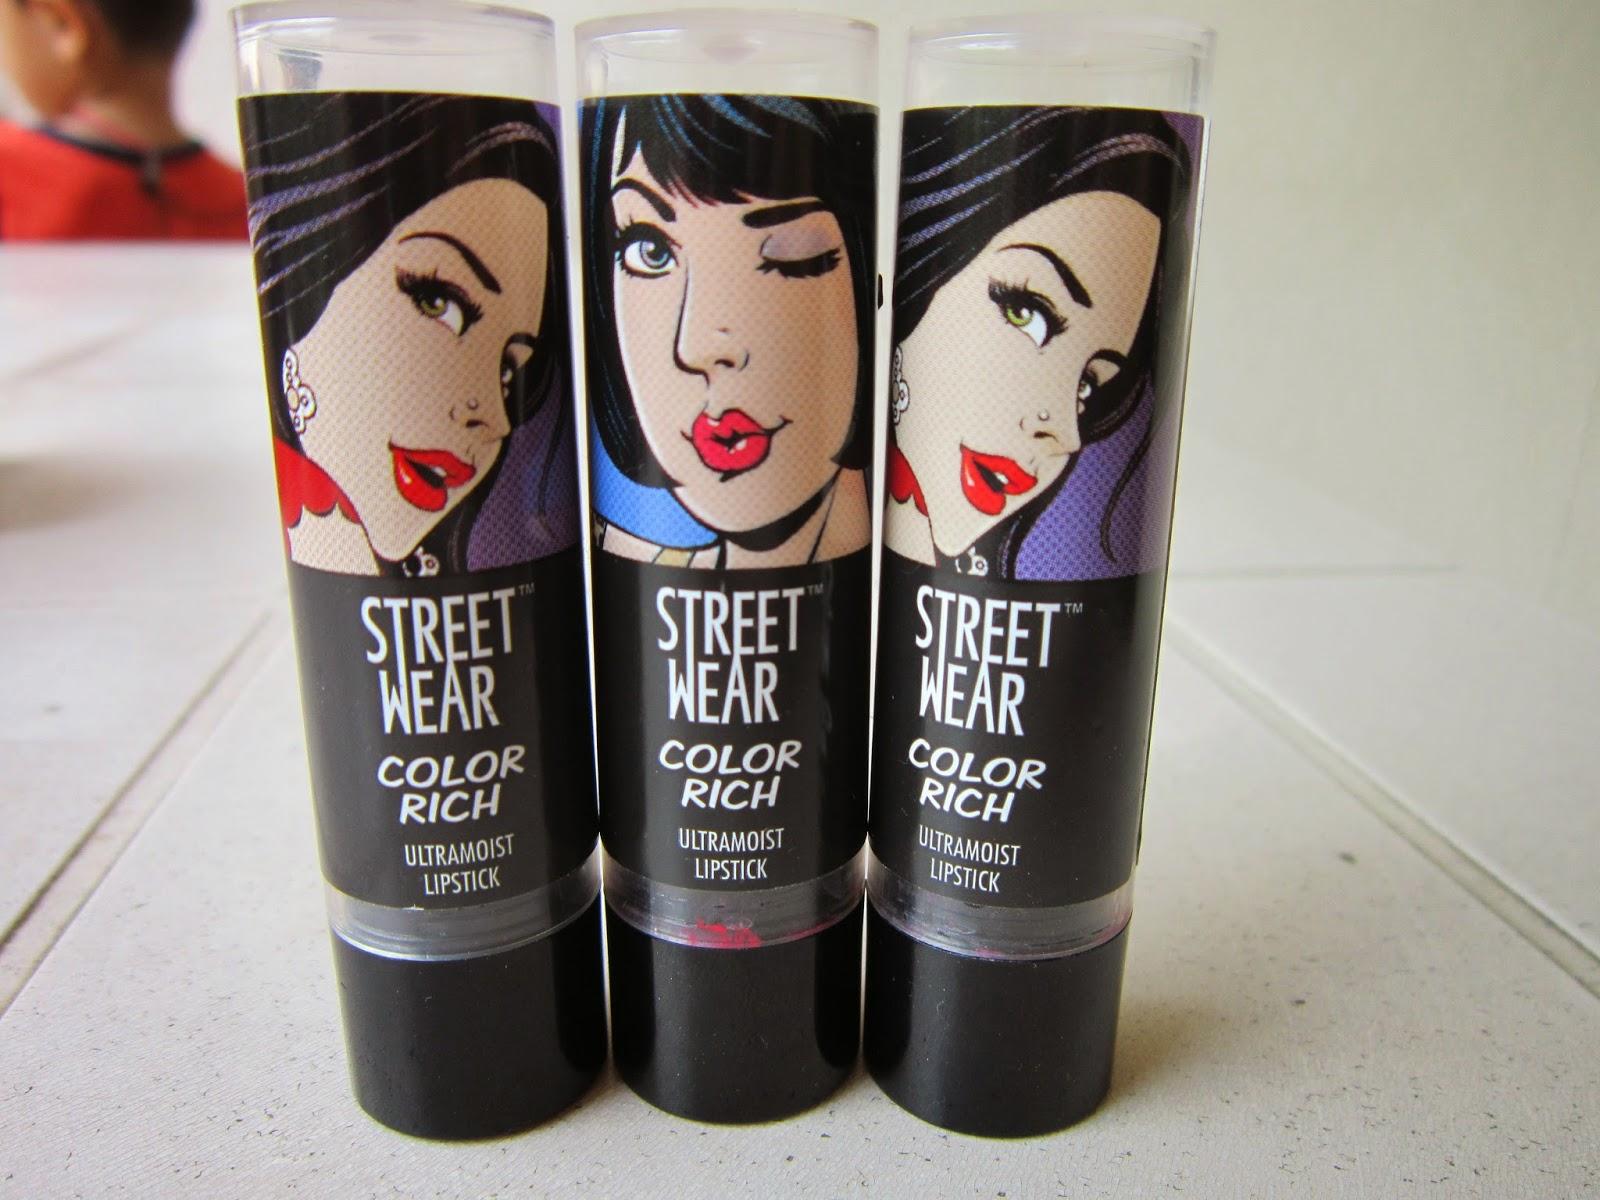 STREETWEAR Color Rich Ultramoist Lipsticks - Review image